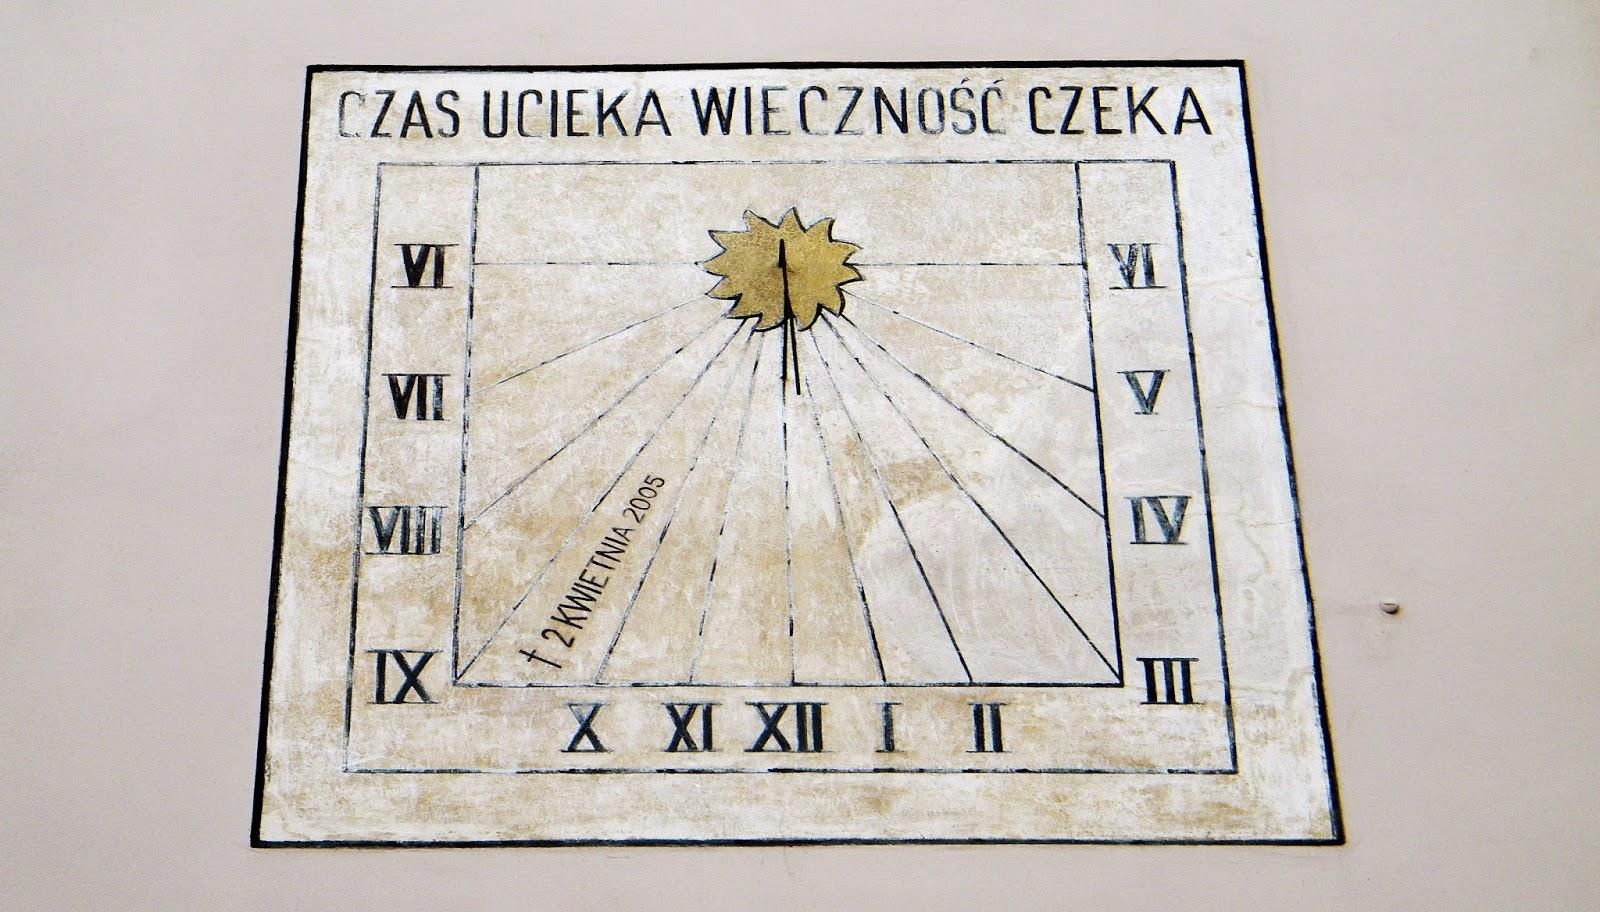 Zegar słoneczny na ścianie bazyliki w Wadowicach